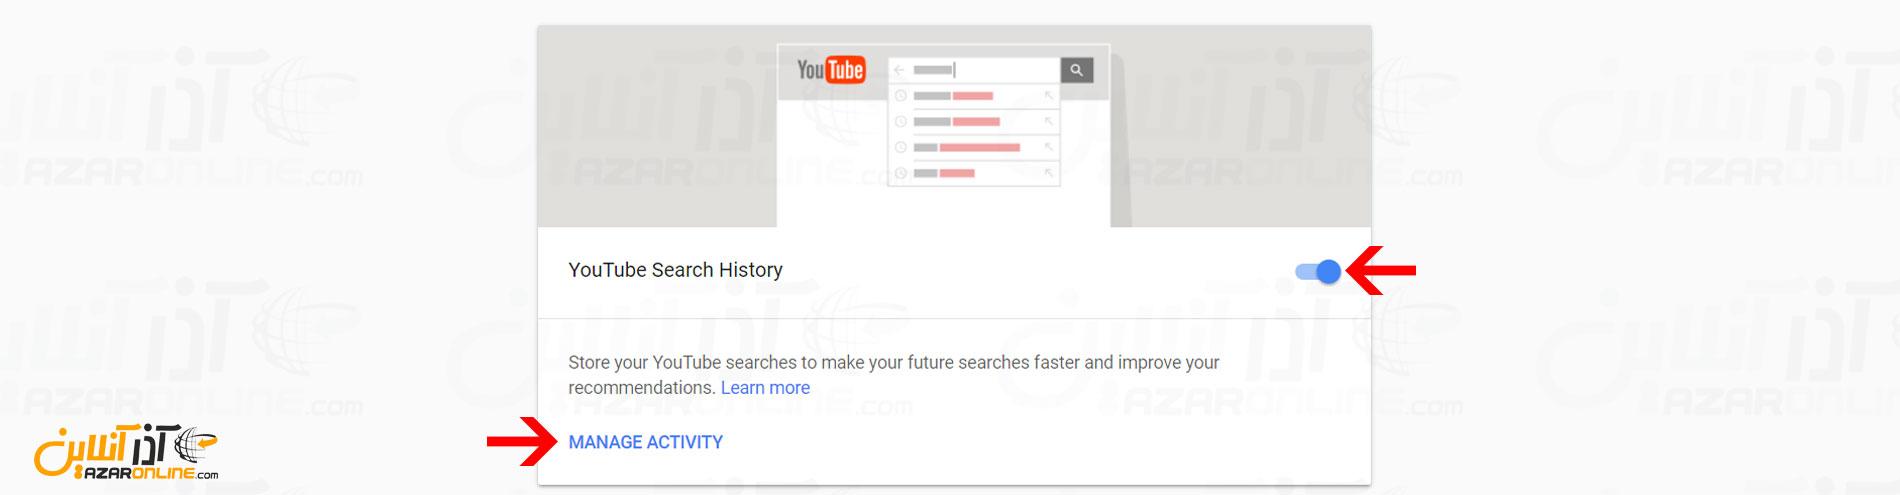 فعالیت جستجوها در یوتیوب